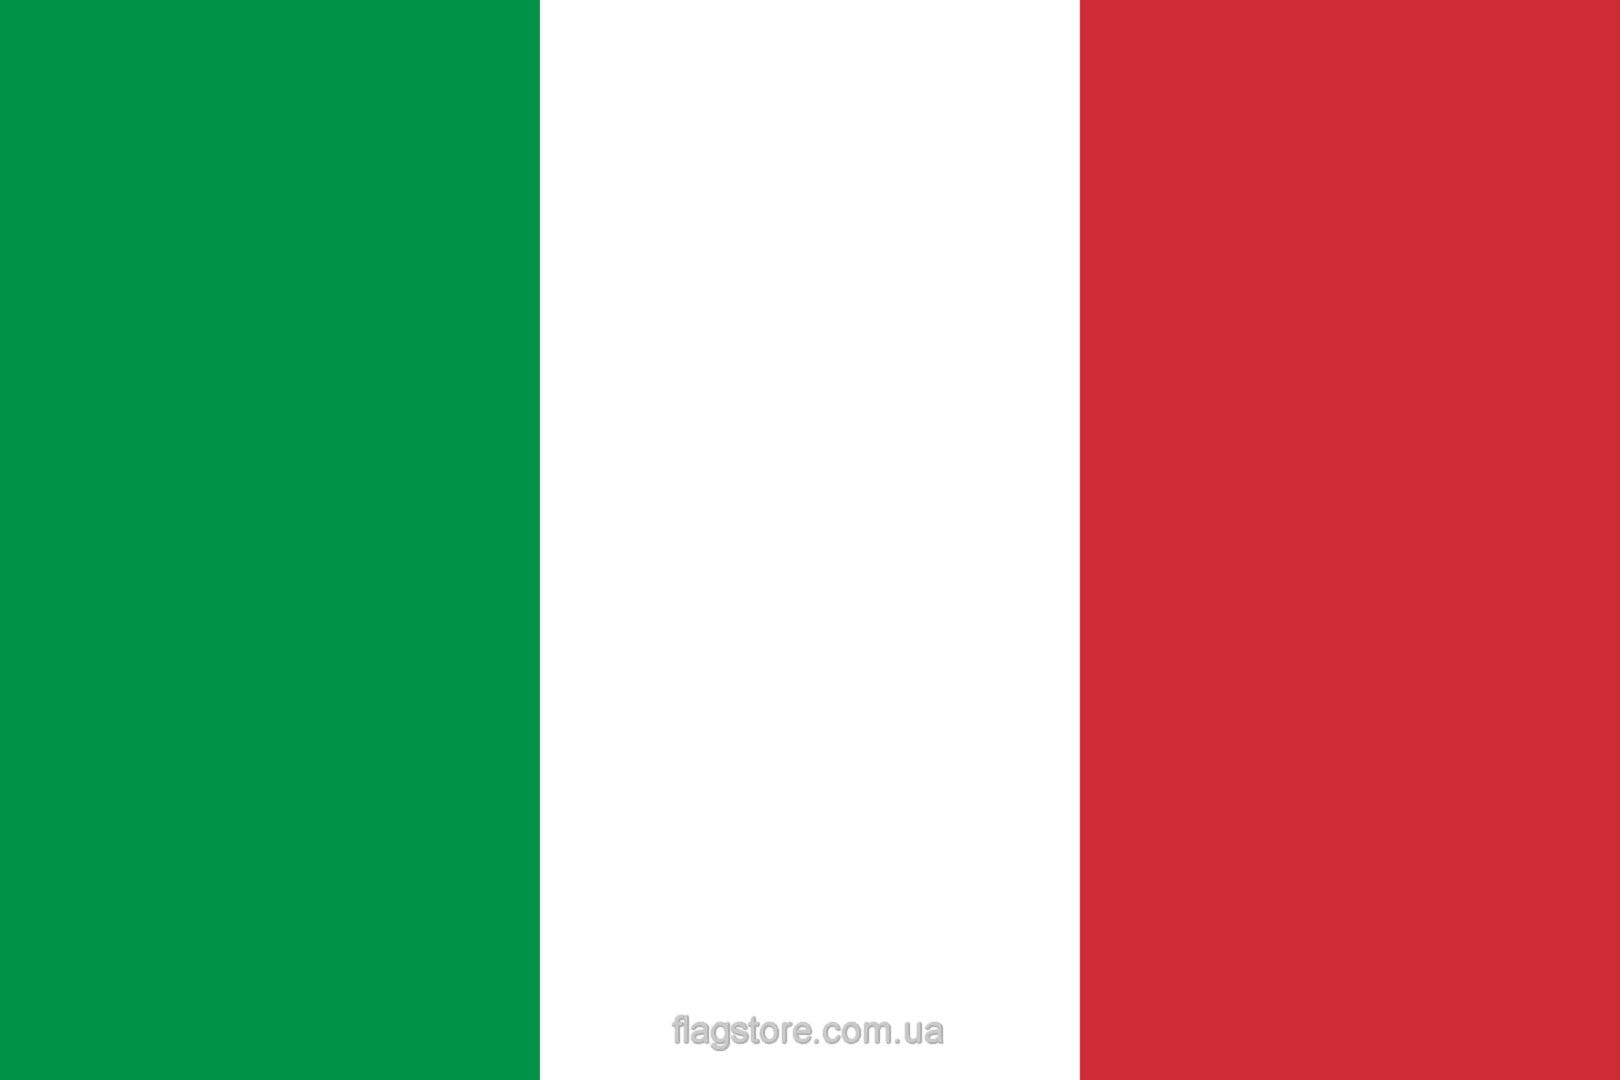 Купить флаг Италии (страны Италия)